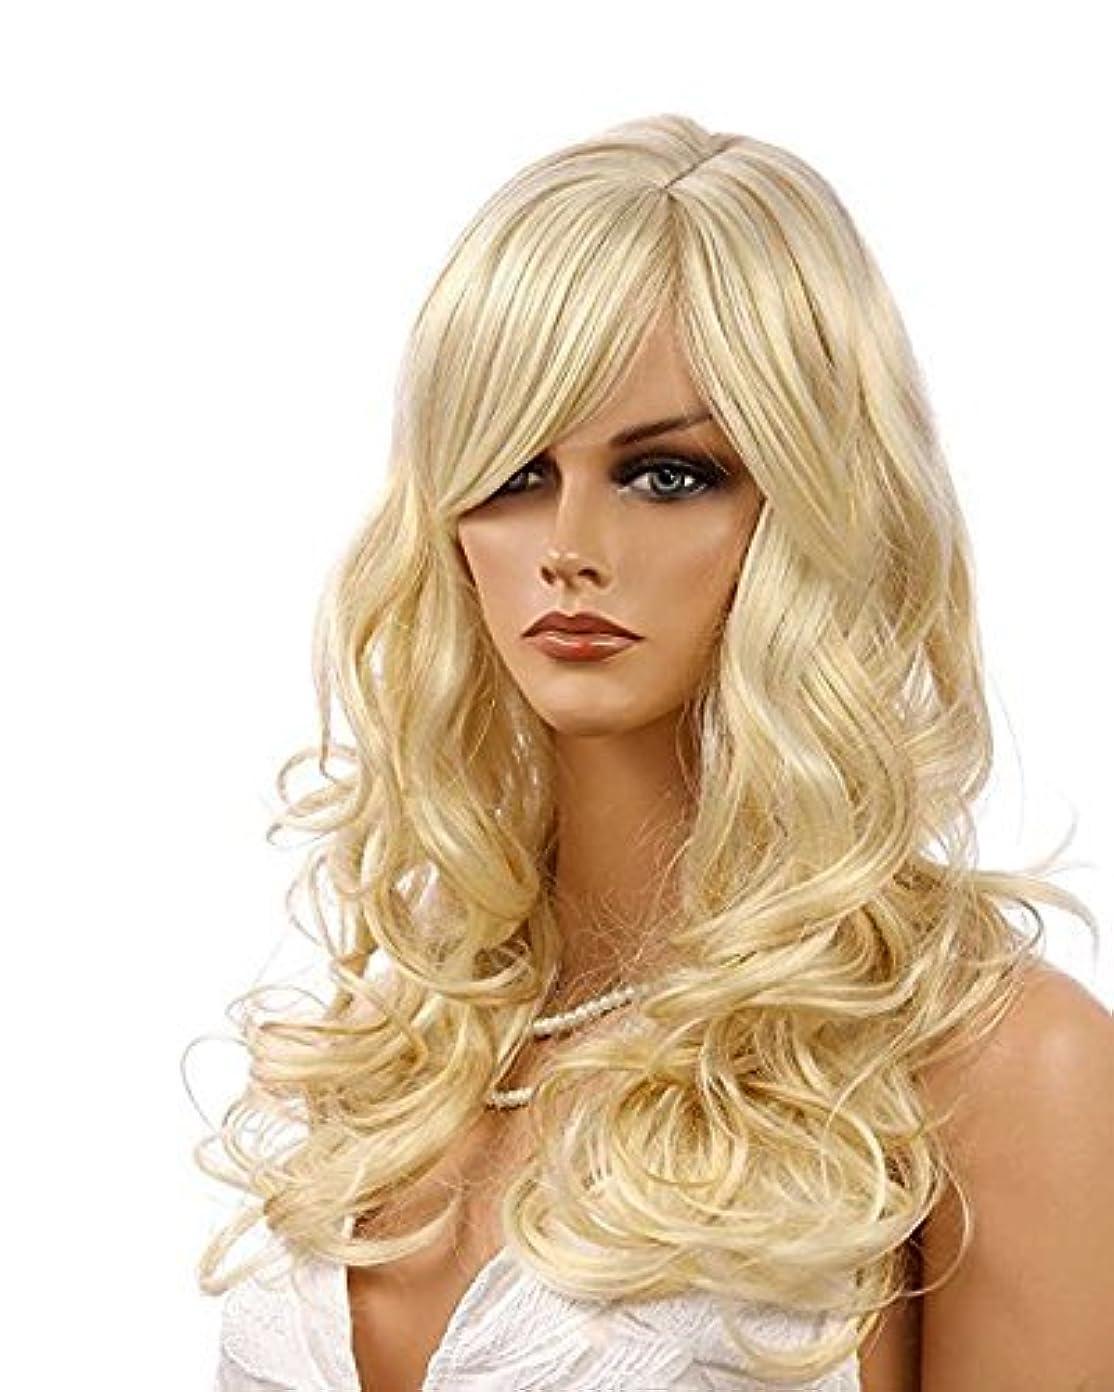 の配列キャビン解説女性のウィッグコスプレコスチュームパーティーファンシードレス合成毛のブロンド女性の女の子のための長いひねりのウィッグ